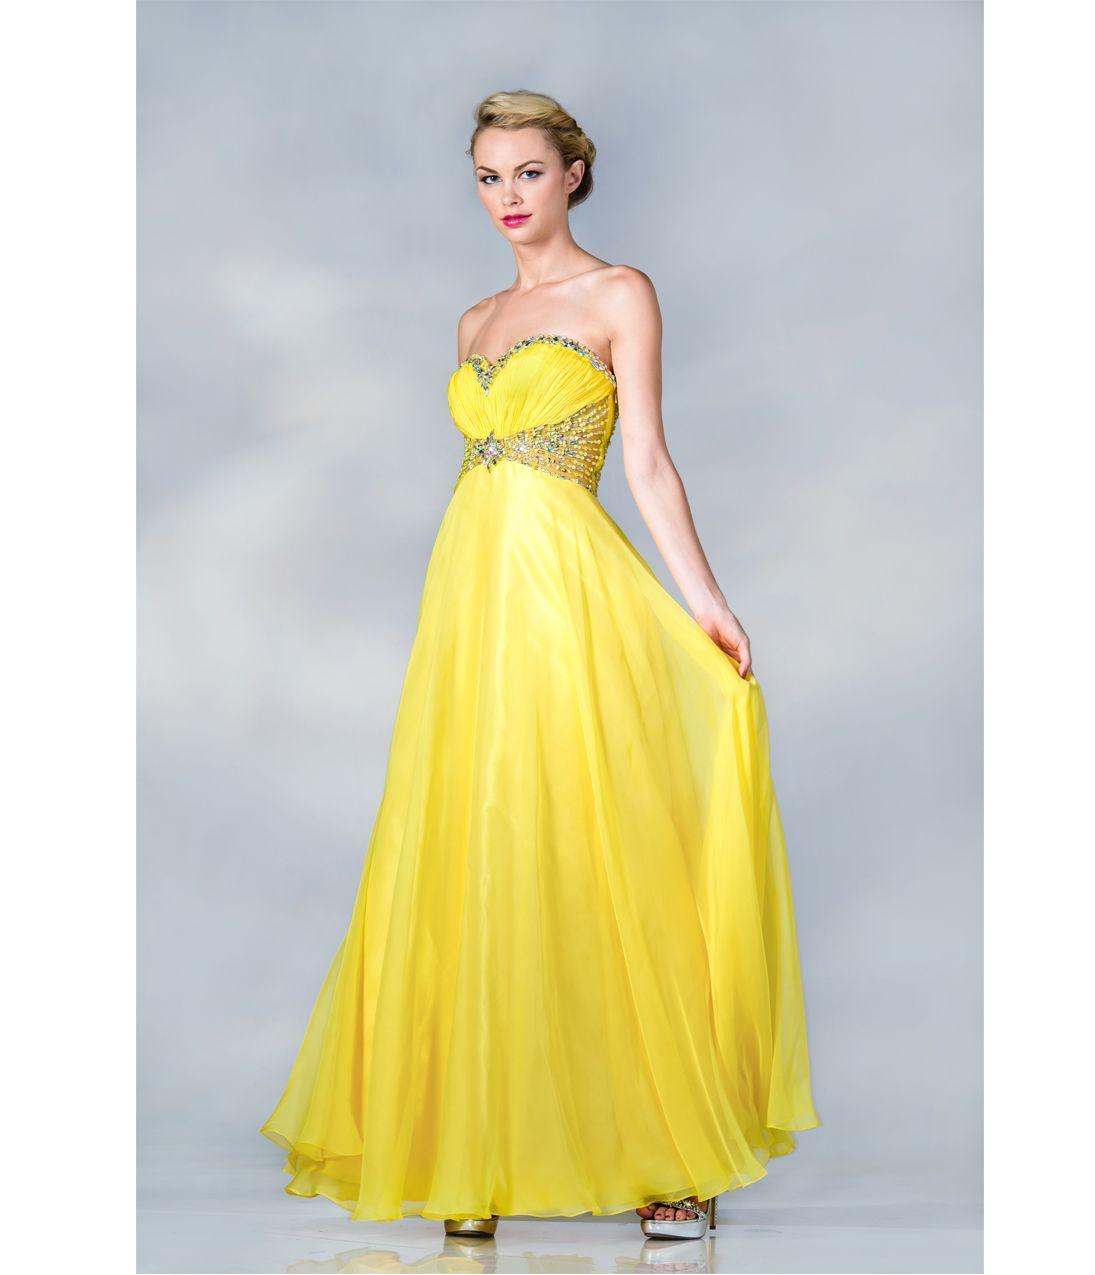 yellow evening dress | 2013 Prom Dresses - Yellow Chiffon ...